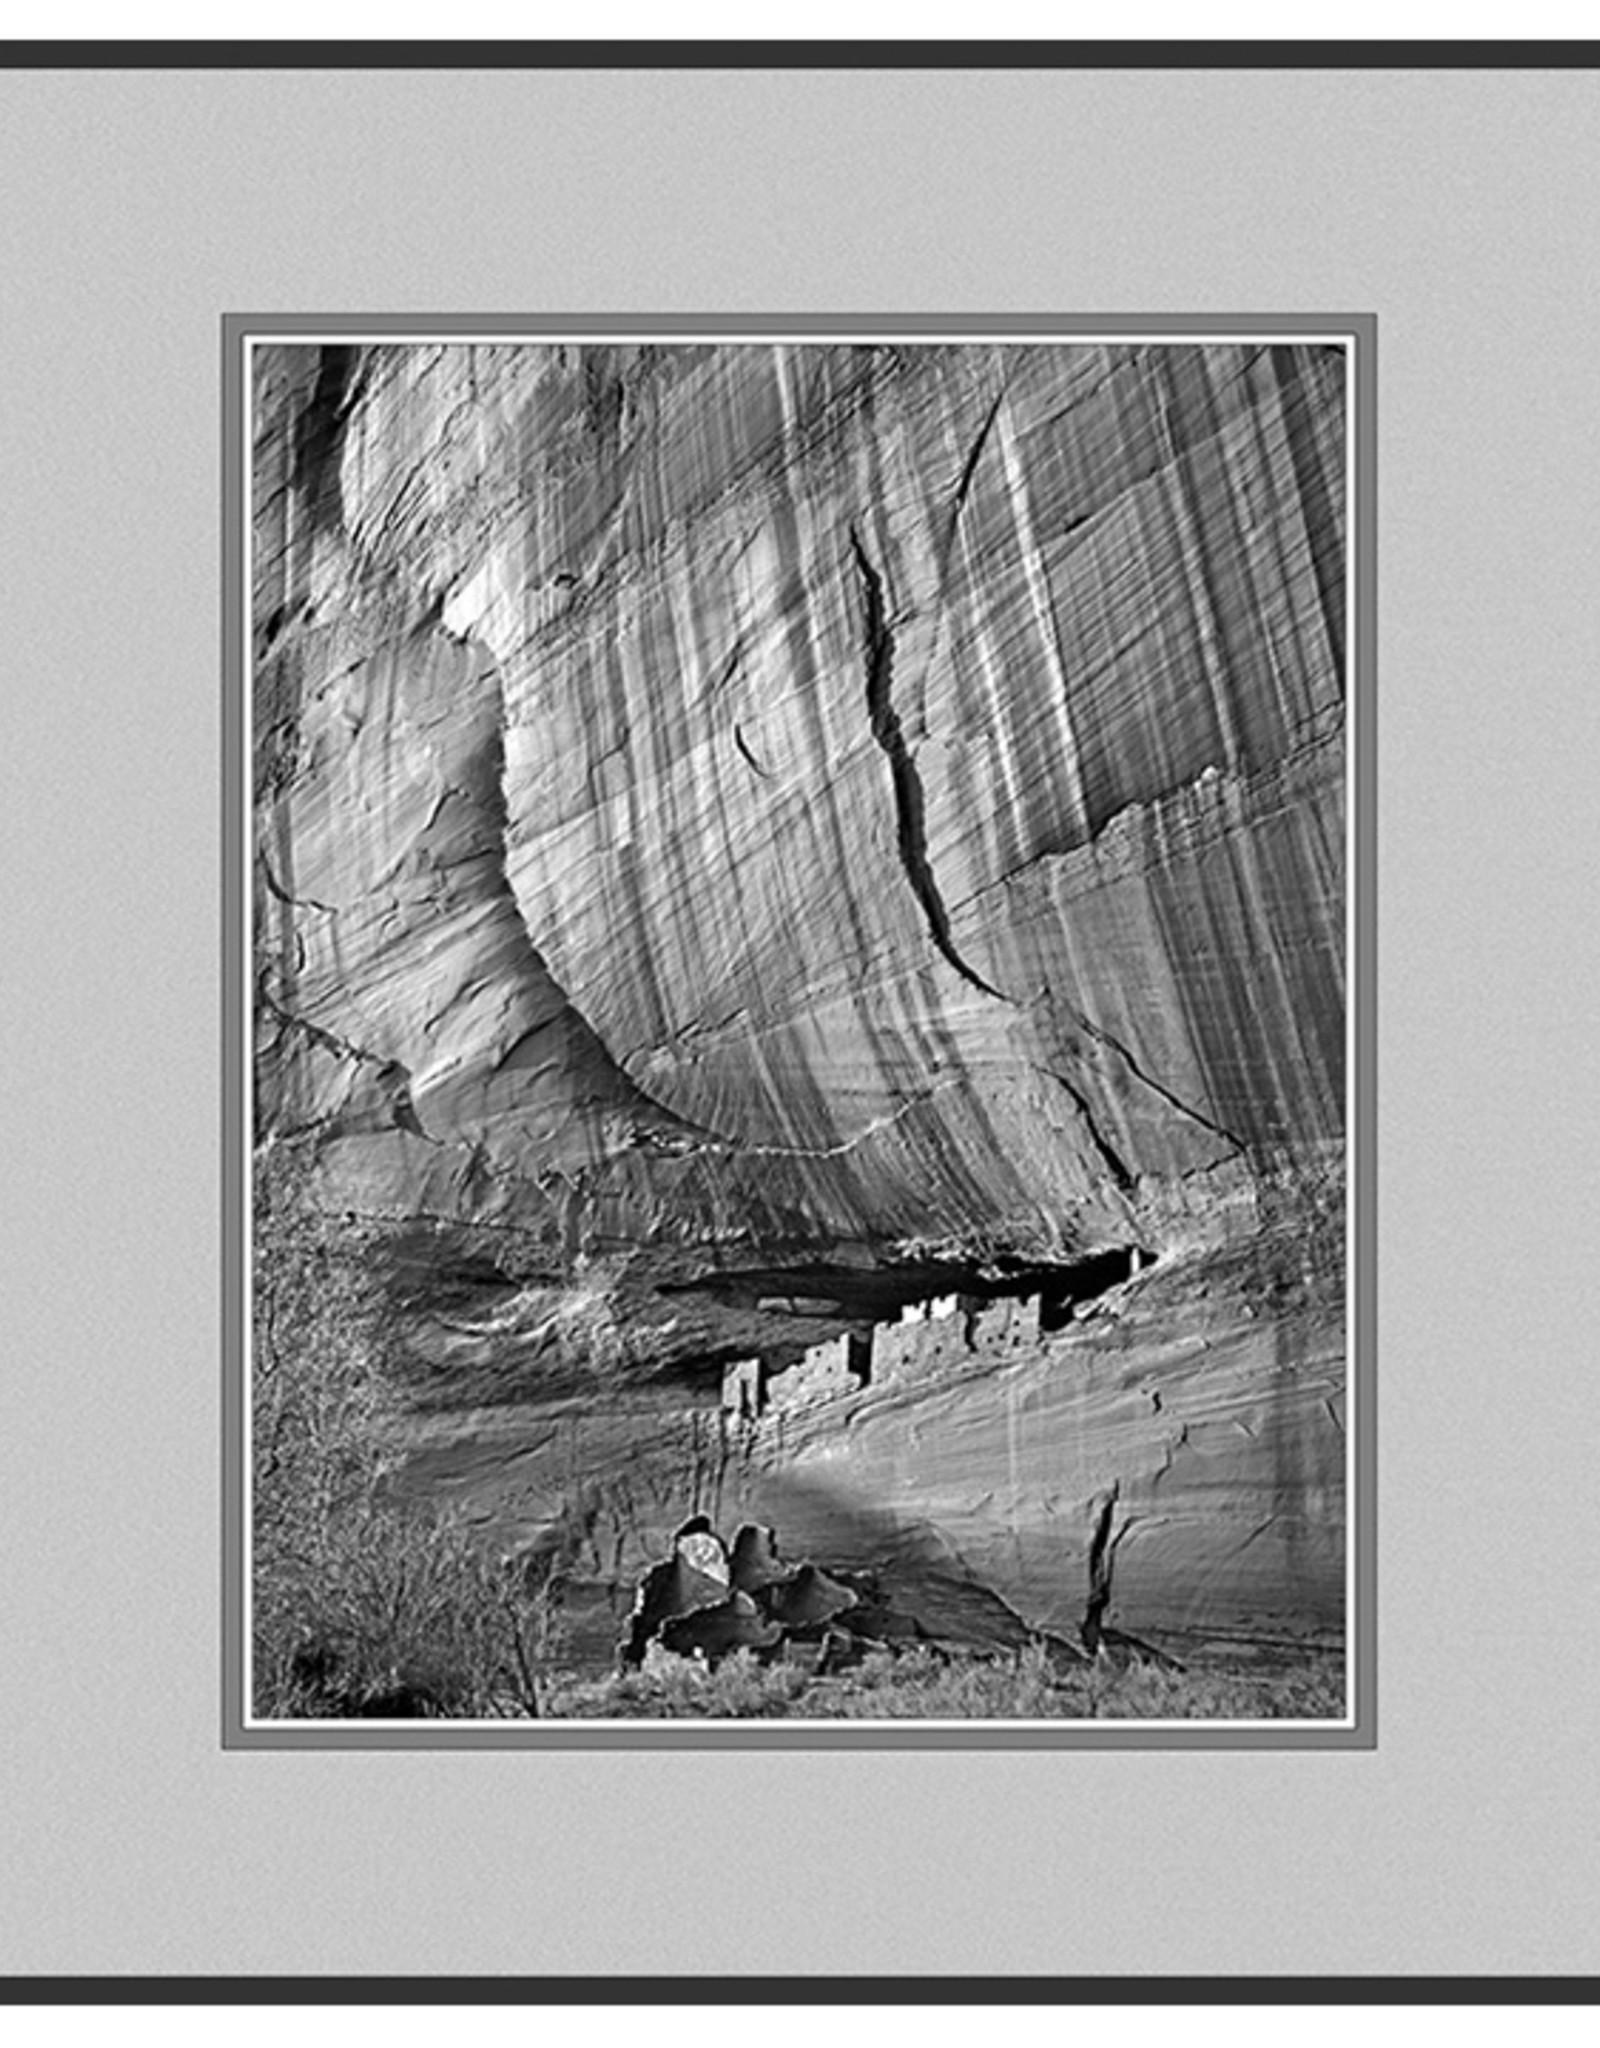 Erskine Wood White House Ruin, Arizona, [B&W]